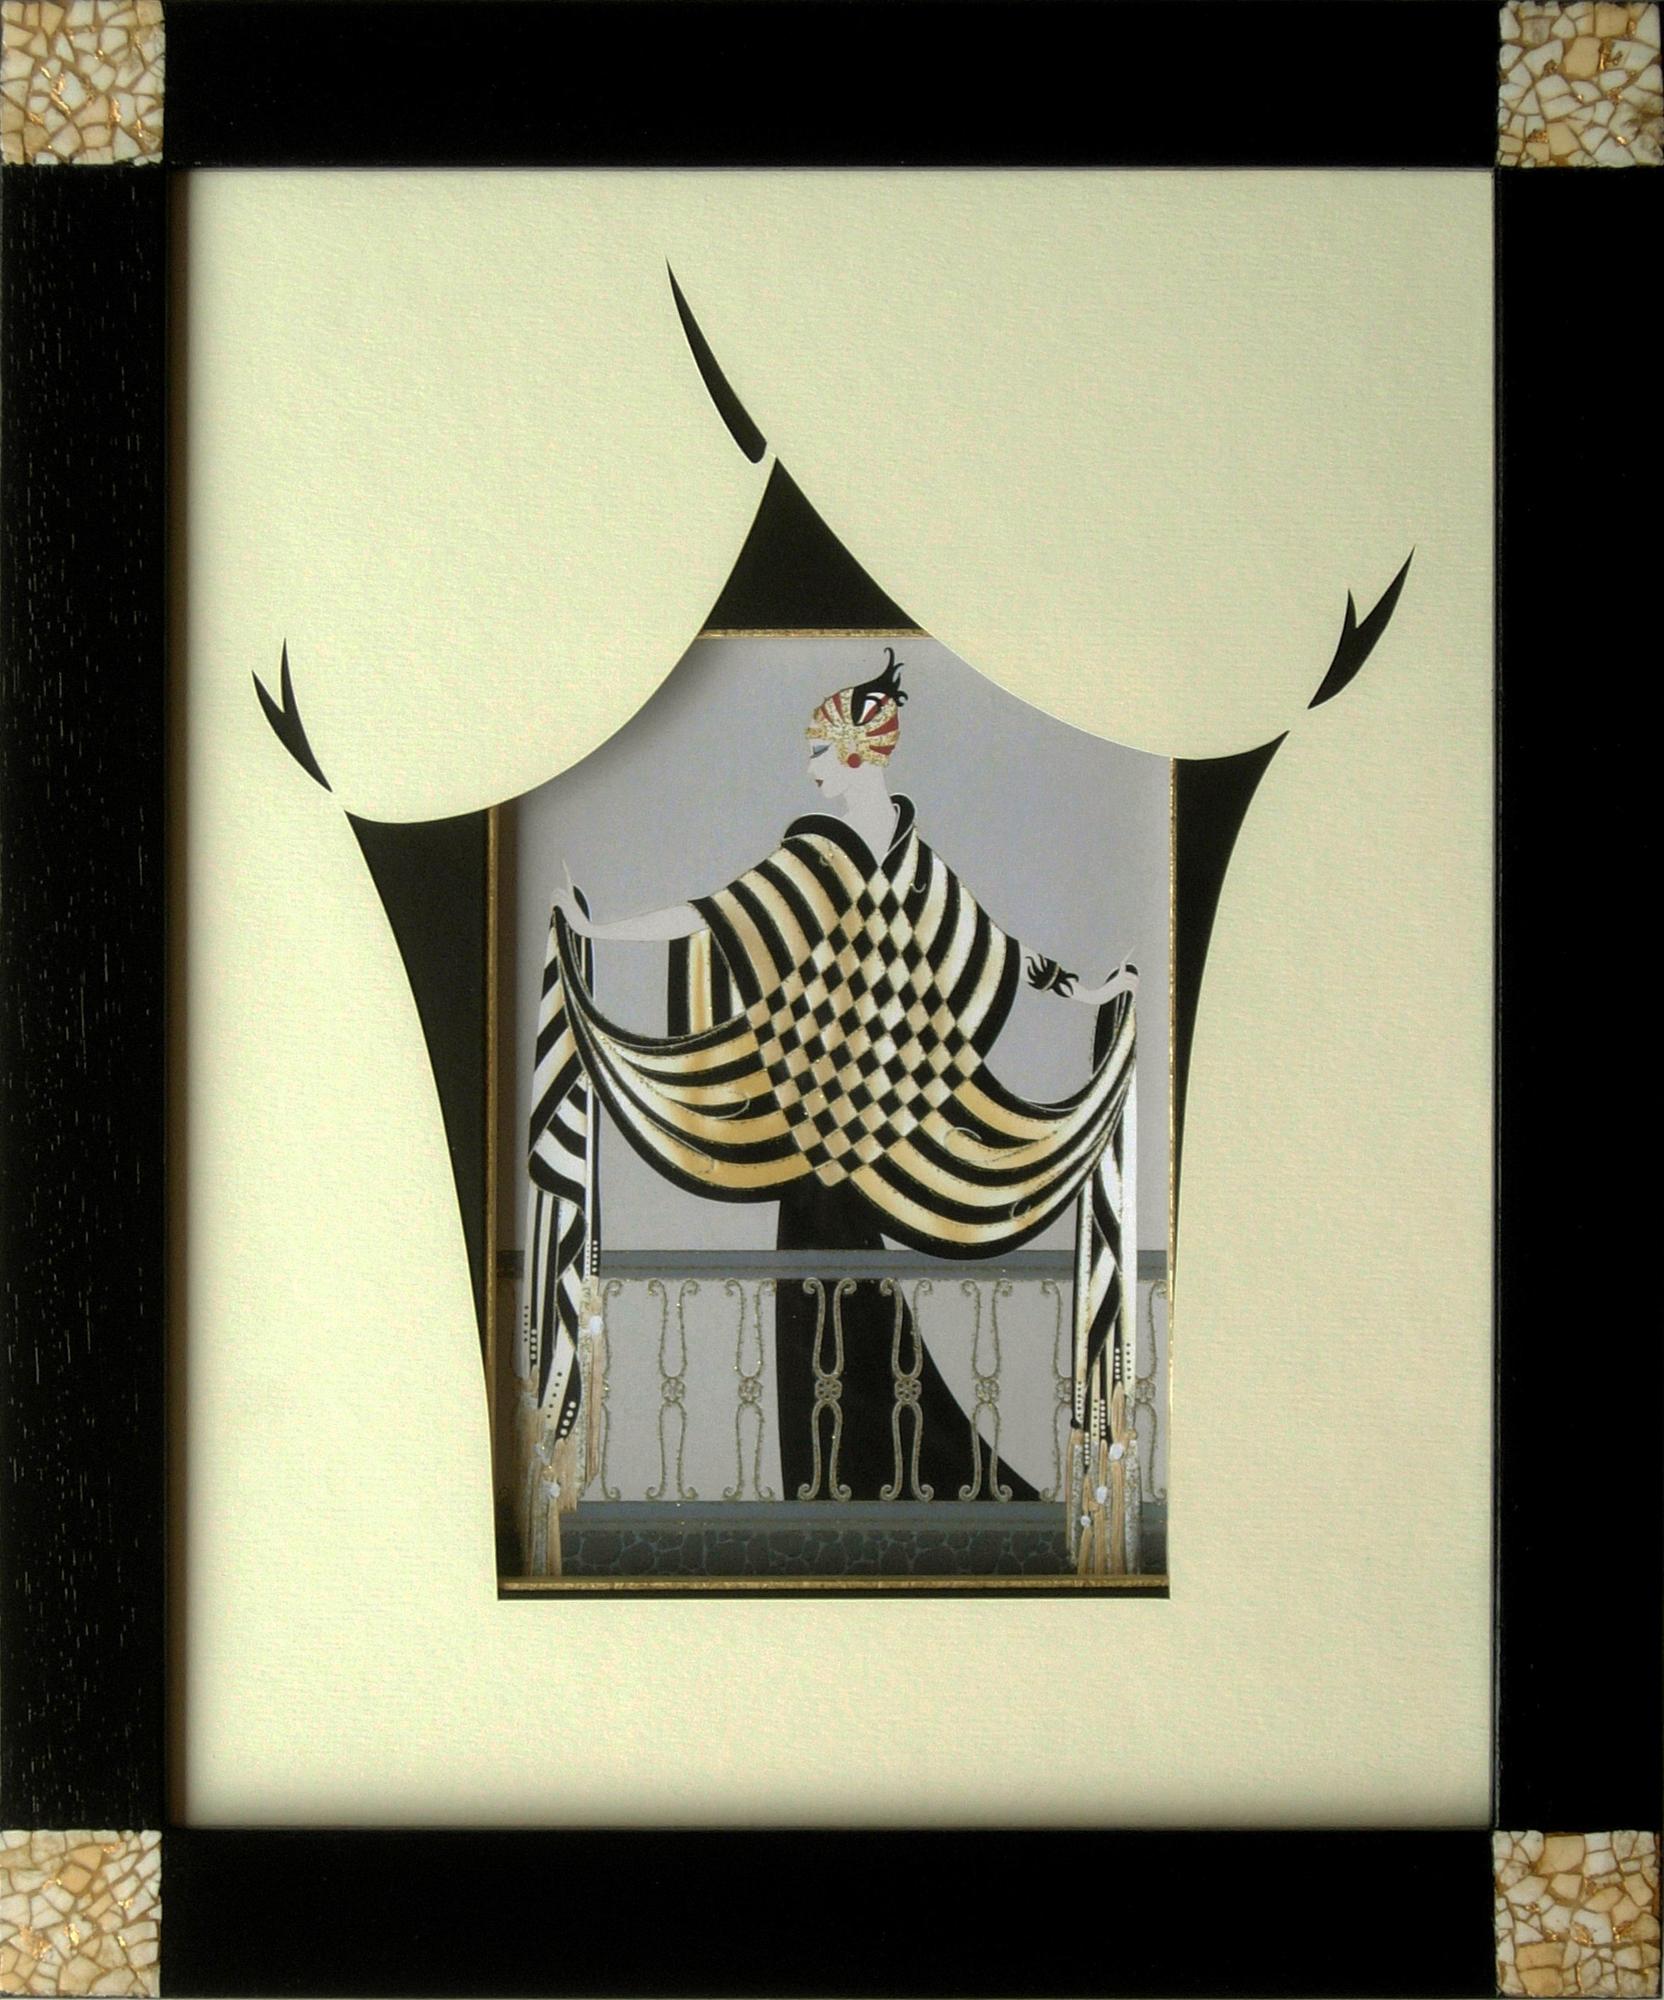 cadre réalisé à la gomme laque avec des incrustations de coquilles d'œufs, les marges sont découpées et décorées en harmonie avec le sujet de style Art Déco